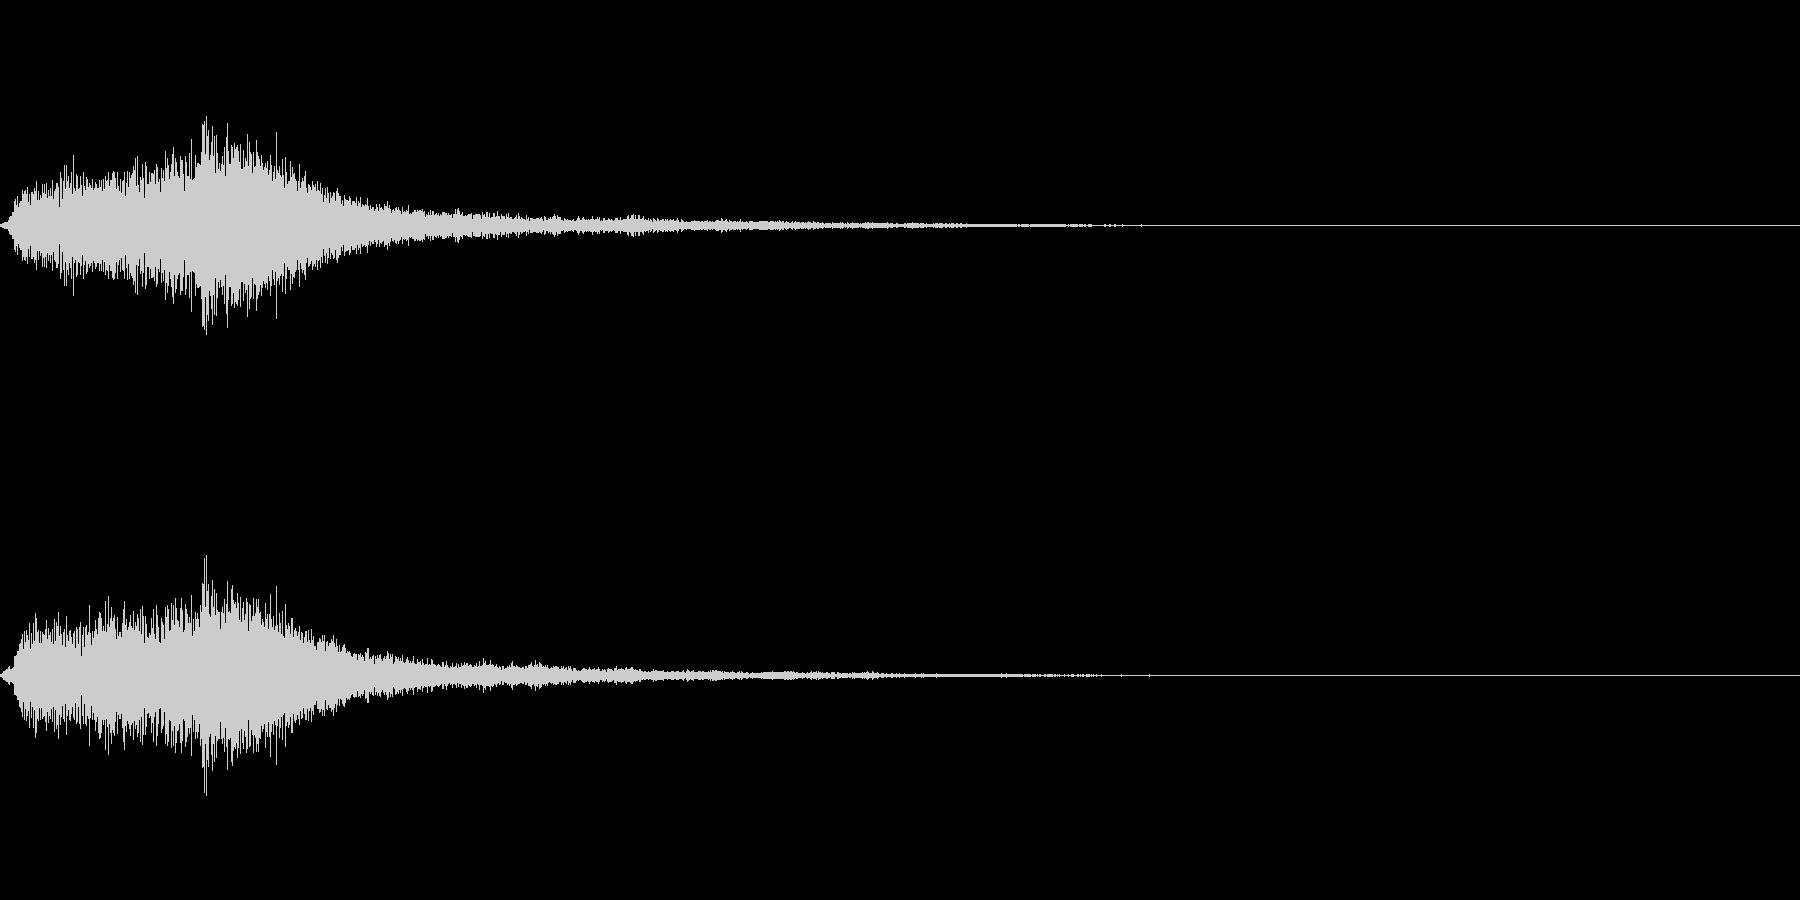 [ピシュイーン]パラメータUP(爽やか)の未再生の波形